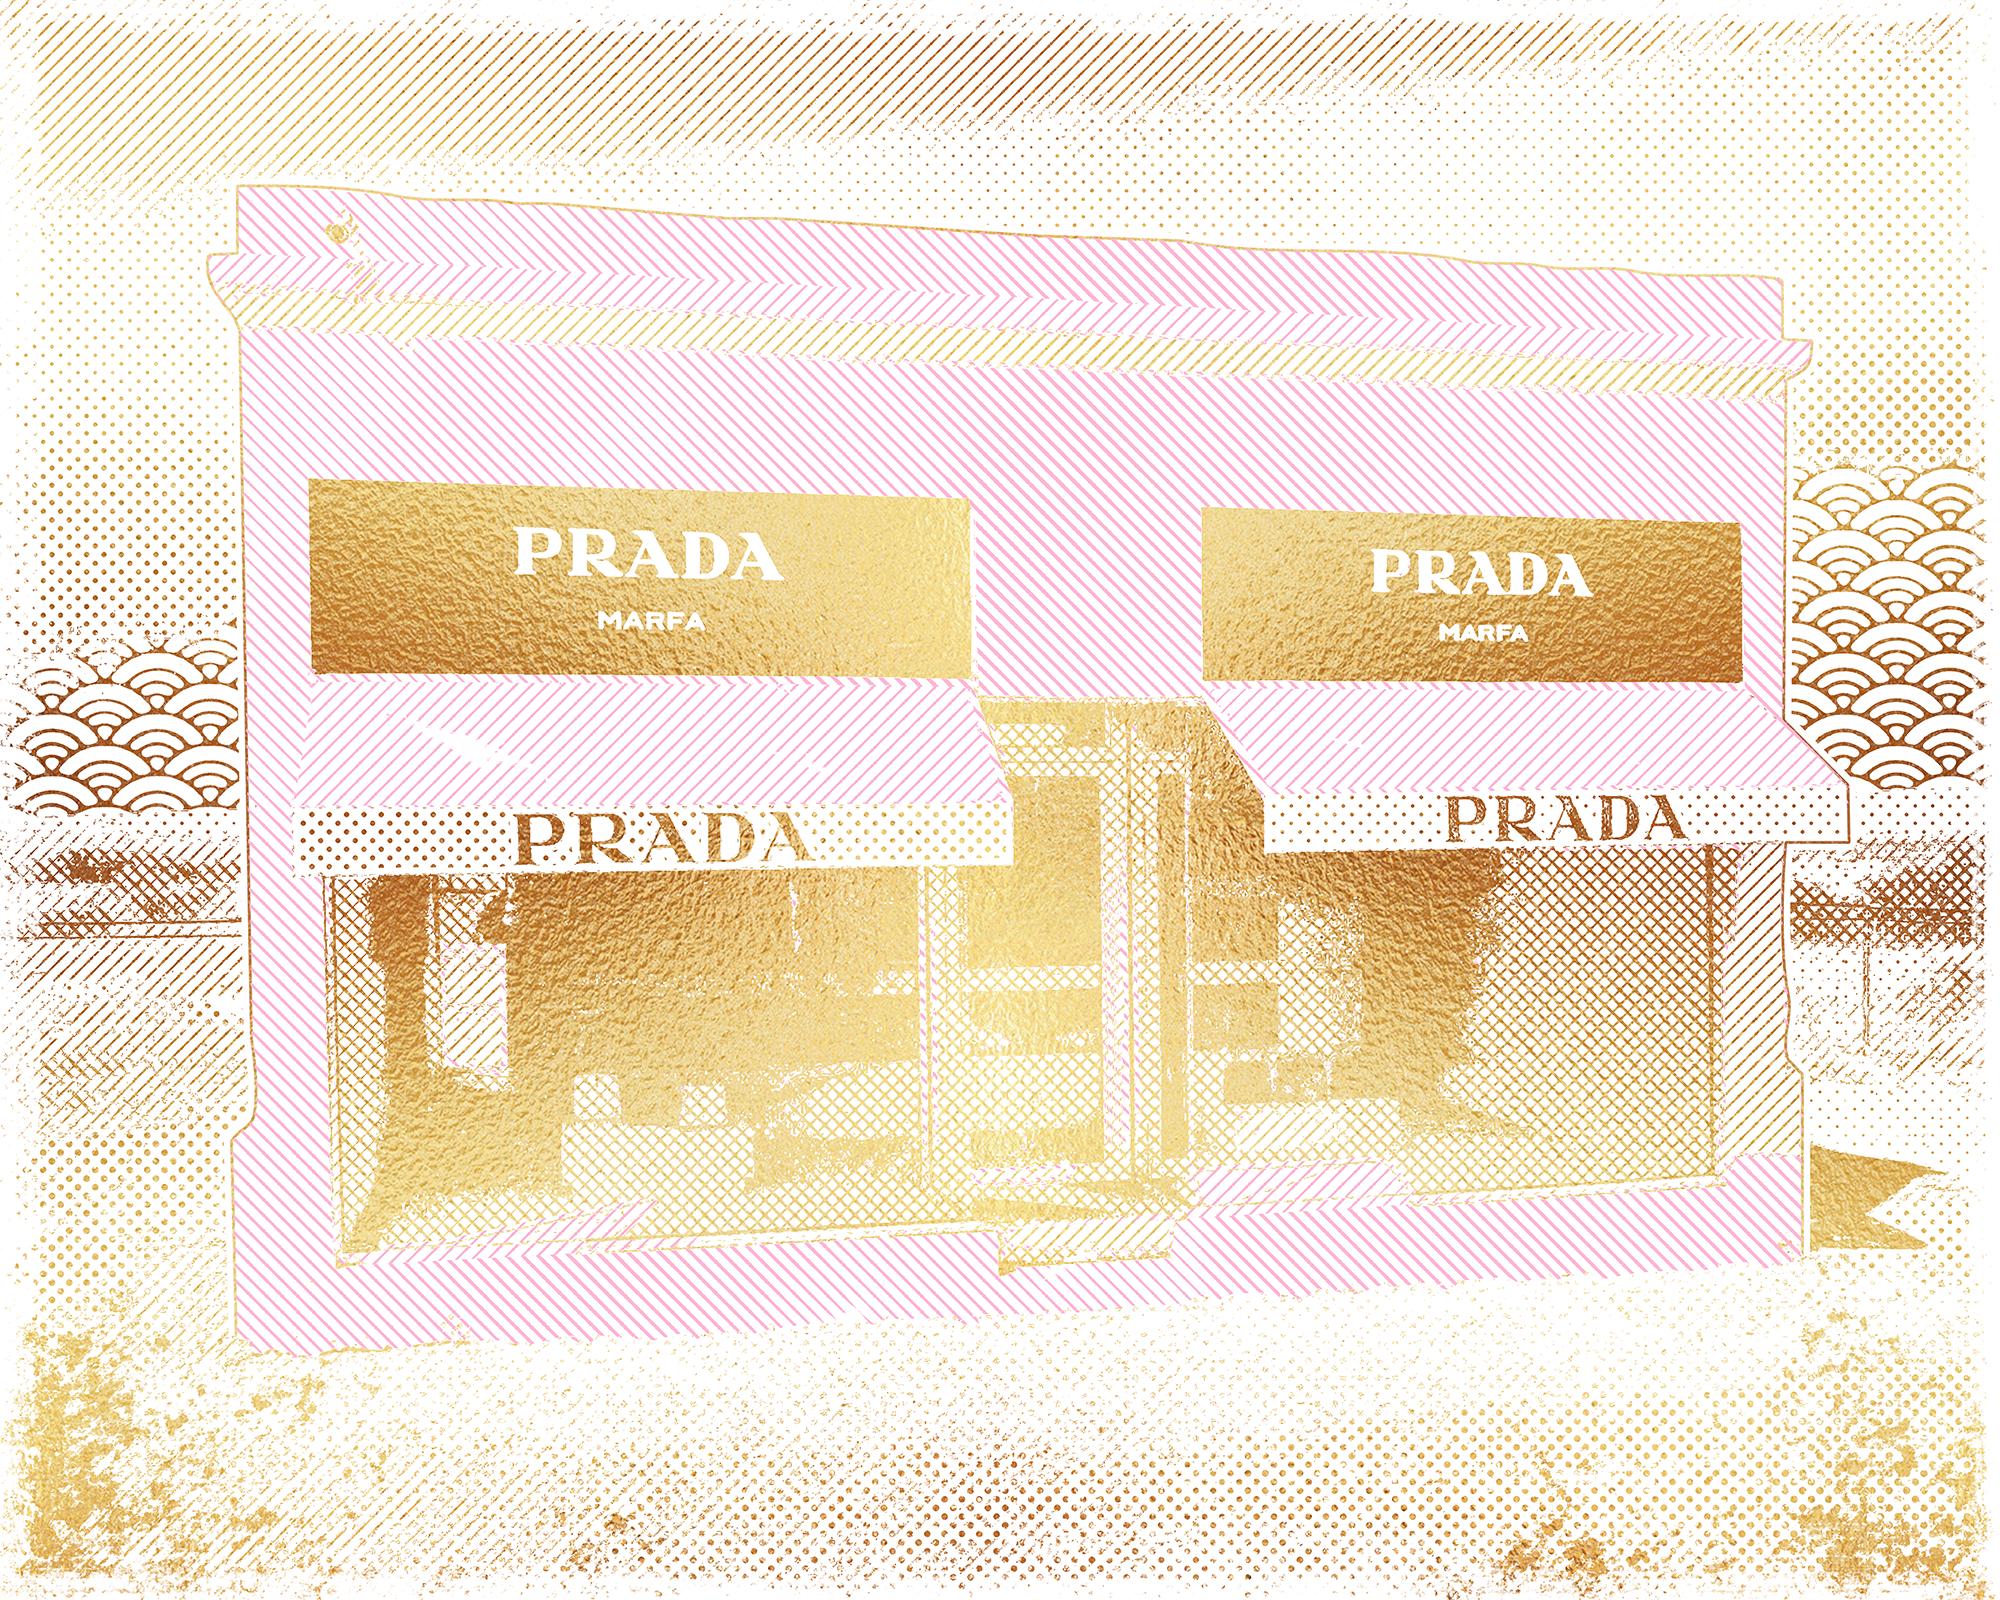 PradaMarfa_FULLGOLD.png